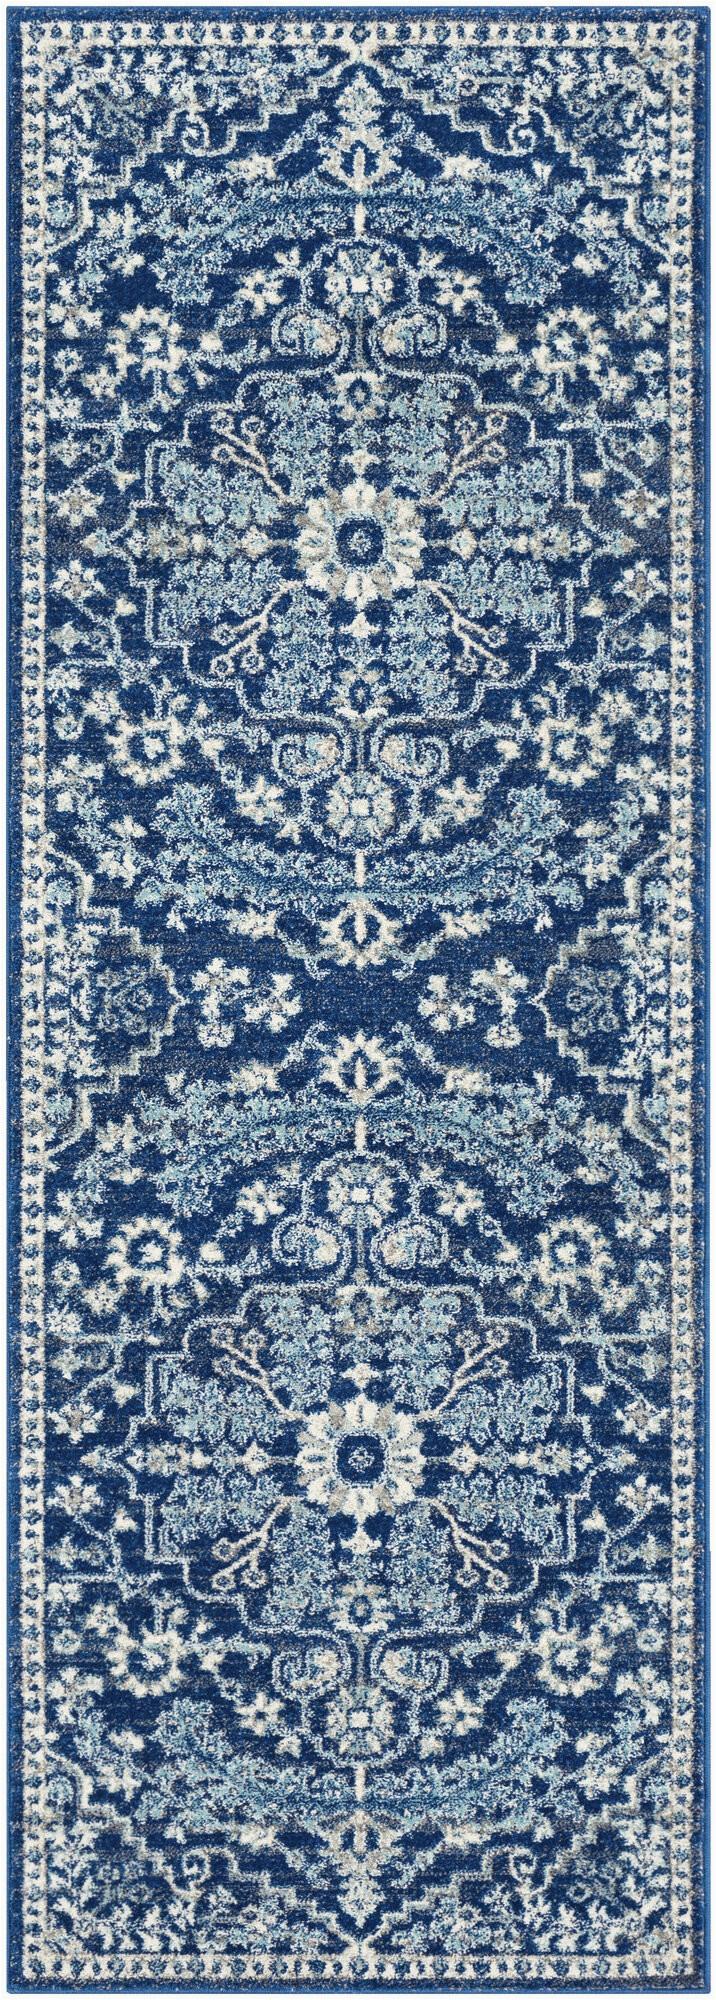 mistana hillsby vintage dark blue area rug mitn2358 piid=